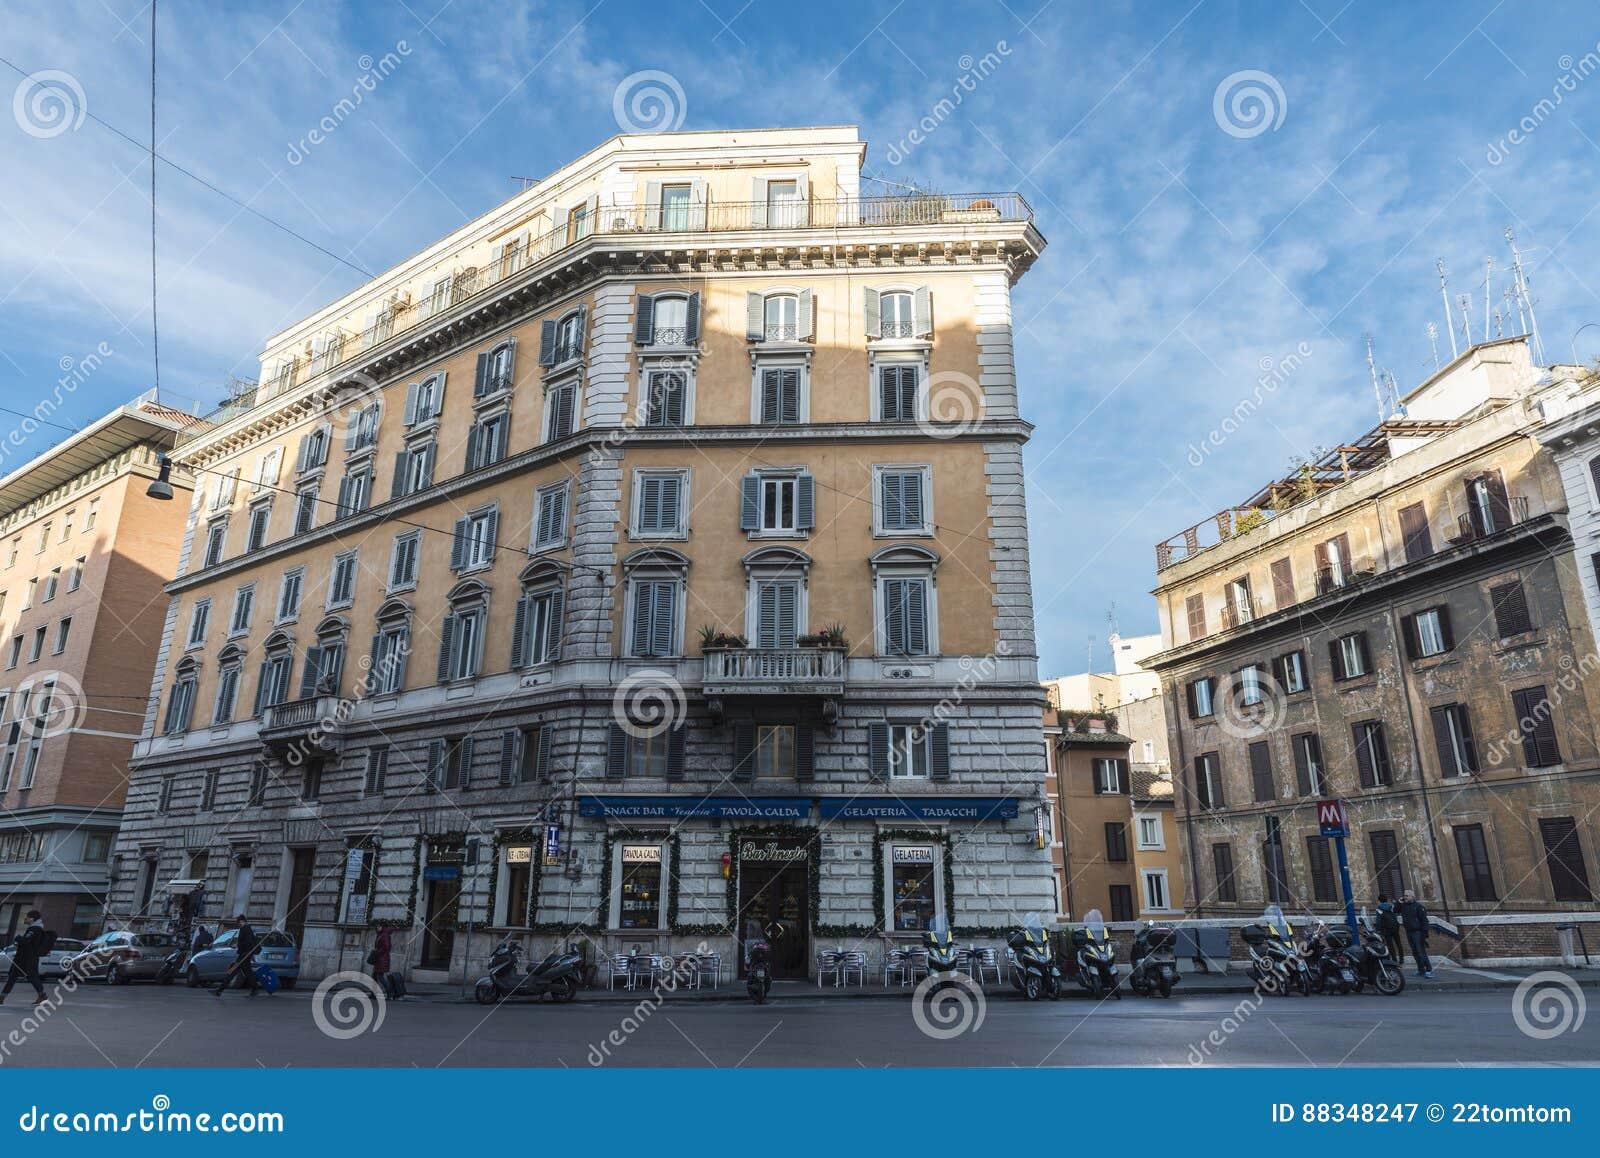 Calle Con Una Terraza De Un Restaurante De La Barra En Roma